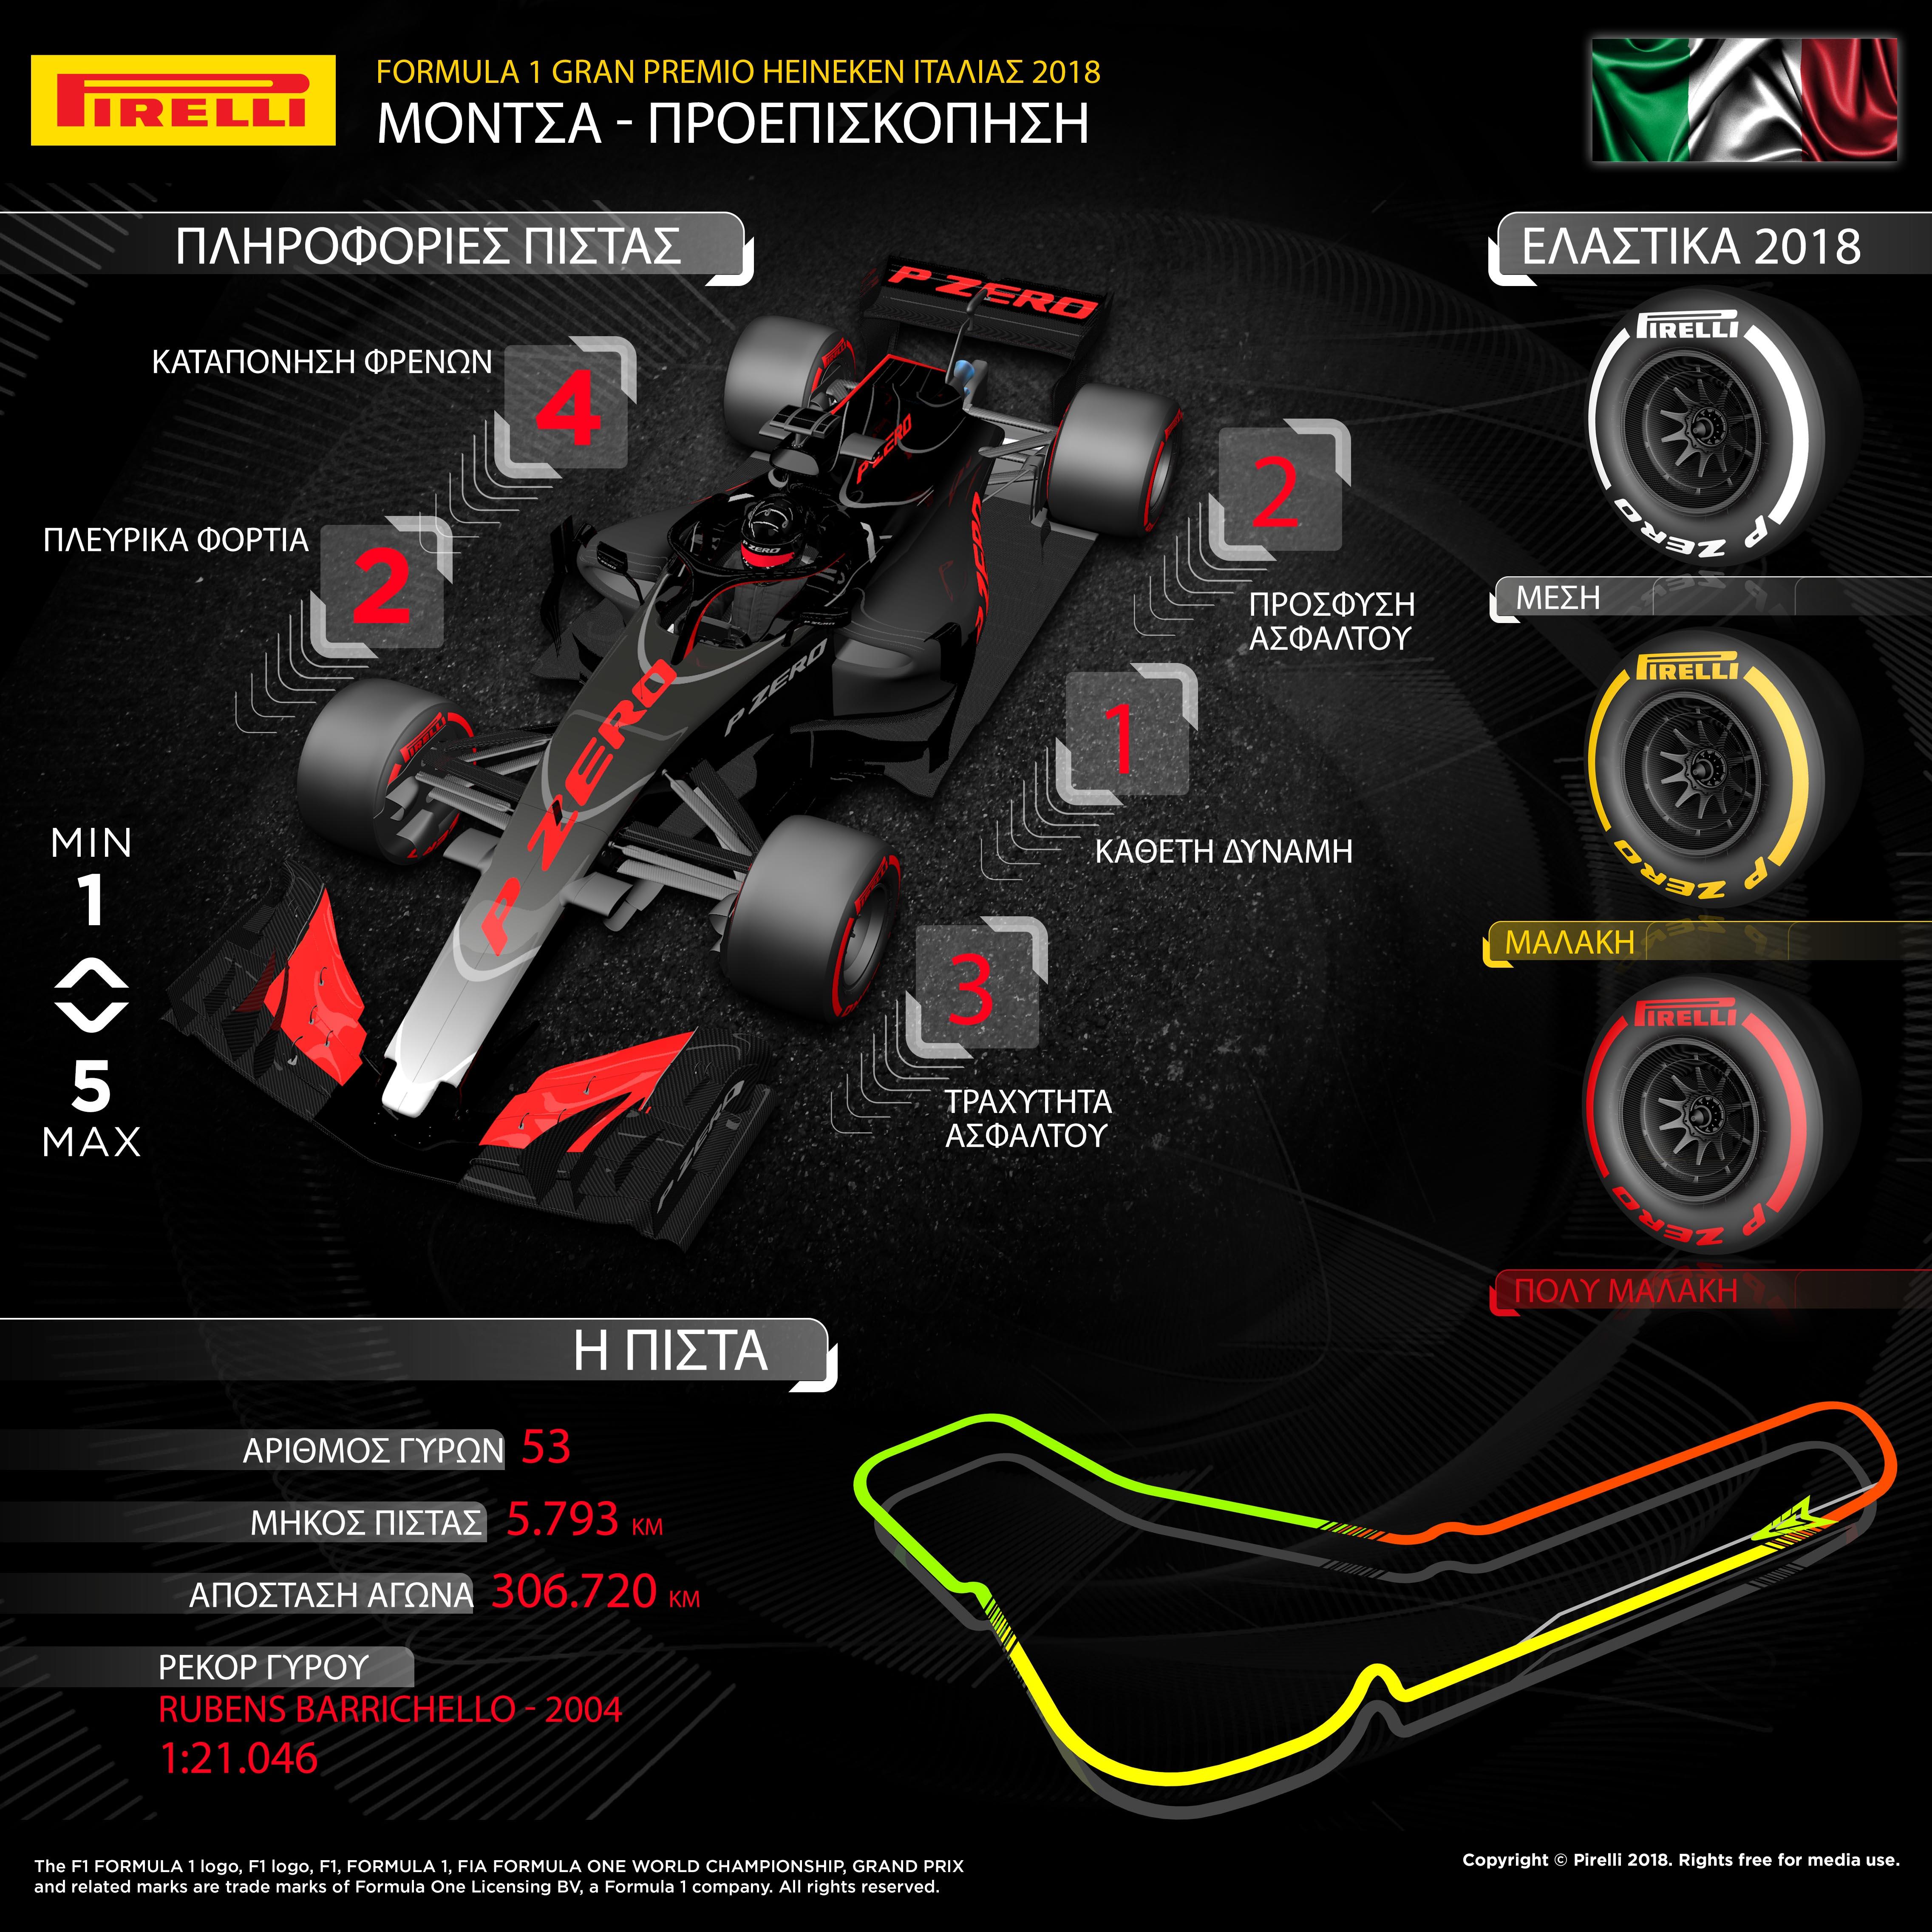 """Η επιλογή γομών για τον εντός έδρας αγώνα F1 της Pirelli, στο 'Ναό της Ταχύτητας' είναι ίδια μ' αυτή που έχουμε κάνει τα τελευταία χρόνια: Μέση, μαλακή και πολύ μαλακή γόμα. Όπως είναι γνωστό όμως, οι γόμες του 2018 είναι ένα επίπεδο πιο μαλακές από τις αντίστοιχες περσινές, ενώ τα μονοθέσια είναι ταχύτερα από ποτέ. Η Monza είναι μια από τις ταχύτερες πίστες χάρη στις μεγάλες ευθείες. Εδώ εμφανίζονται μερικές από τις υψηλότερες τιμές φυγόκεντρων δυνάμεων όλης της χρονιάς για τα ελαστικά. Καθότι η Monza είναι μια από τις τέσσερις πίστες που βρίσκονται ανελλιπώς στο πρόγραμμα της F1 από το 1950, υπάρχει πάντα μια βάση παθιασμένων φιλάθλων, σε μια χώρα που έχει ταυτιστεί με τους αγώνες Grand Prix. Η ΠΙΣΤΑ ΥΠΟ ΤΟ ΠΡΙΣΜΑ ΤΩΝ ΕΛΑΣΤΙΚΩΝ (*Πρόσφυση ασφάλτου, κάθετη δύναμη, τραχύτητα ασφάλτου, φρένα, πλευρικές δυνάμεις) • Η πλειοψηφία των οδηγών έκανε μια αλλαγή πέρυσι. Ο ταχύτερος γύρος αγώνα ήταν 2 δευτερόλεπτα πιο γρήγορος από τον αντίστοιχο του 2016. • Το 2017 ο Daniel Ricciardo της Red Bull υιοθέτησε μια εναλλακτική στρατηγική μαλακής/πολύ μαλακής γόμας (πραγματοποιώντας αργά την αλλαγή) και κατάφερε να τερματίσει 4ος κερδίζοντας 12 θέσεις στον αγώνα, καθώς είχε εκκινήσει από πιο πίσω λόγω ποινών. Επίσης σημείωσε και τον ταχύτερο γύρο αγώνα. • Μολονότι τα μονοθέσια είναι τα ταχύτερα όλων των εποχών, η διαφορά στην ταχύτητά τους οφείλεται κυρίως στις στροφές οπότε δεν είναι τόσο προφανώς ορατή, στη Monza, όπου κυριαρχούν οι ευθείες. • Ο καιρός είναι συνήθως στεγνός και ζεστός. Παρόλα αυτά πέρυσι οι κατατακτήριες δοκιμές διεξήχθησαν υπό βαριά βροχή. • Οι ομάδες χρησιμοποιούν ένα ειδικό αεροδυναμικό πακέτο χαμηλής απόδοσης ώστε να μειώσουν τις αεροδυναμικές αντιστάσεις στις μεγάλες ευθείες. MARIO ISOLA - ΕΠΙΚΕΦΑΛΗΣ ΑΓΩΝΩΝ ΑΥΤΟΚΙΝΗΤΟΥ """"Για τη Monza έχουμε κάνει την ίδια επιλογή ελαστικών με την προηγούμενη βδομάδα στο Βέλγιο: Πρόκειται για ένα ακόμη γρήγορο, ιστορικό ραντεβού για τη Formula 1. Η Monza κυριαρχείται από διαμήκη και όχι εγκάρσια φορτία, ενώ κομβικό ρόλο παίζει"""